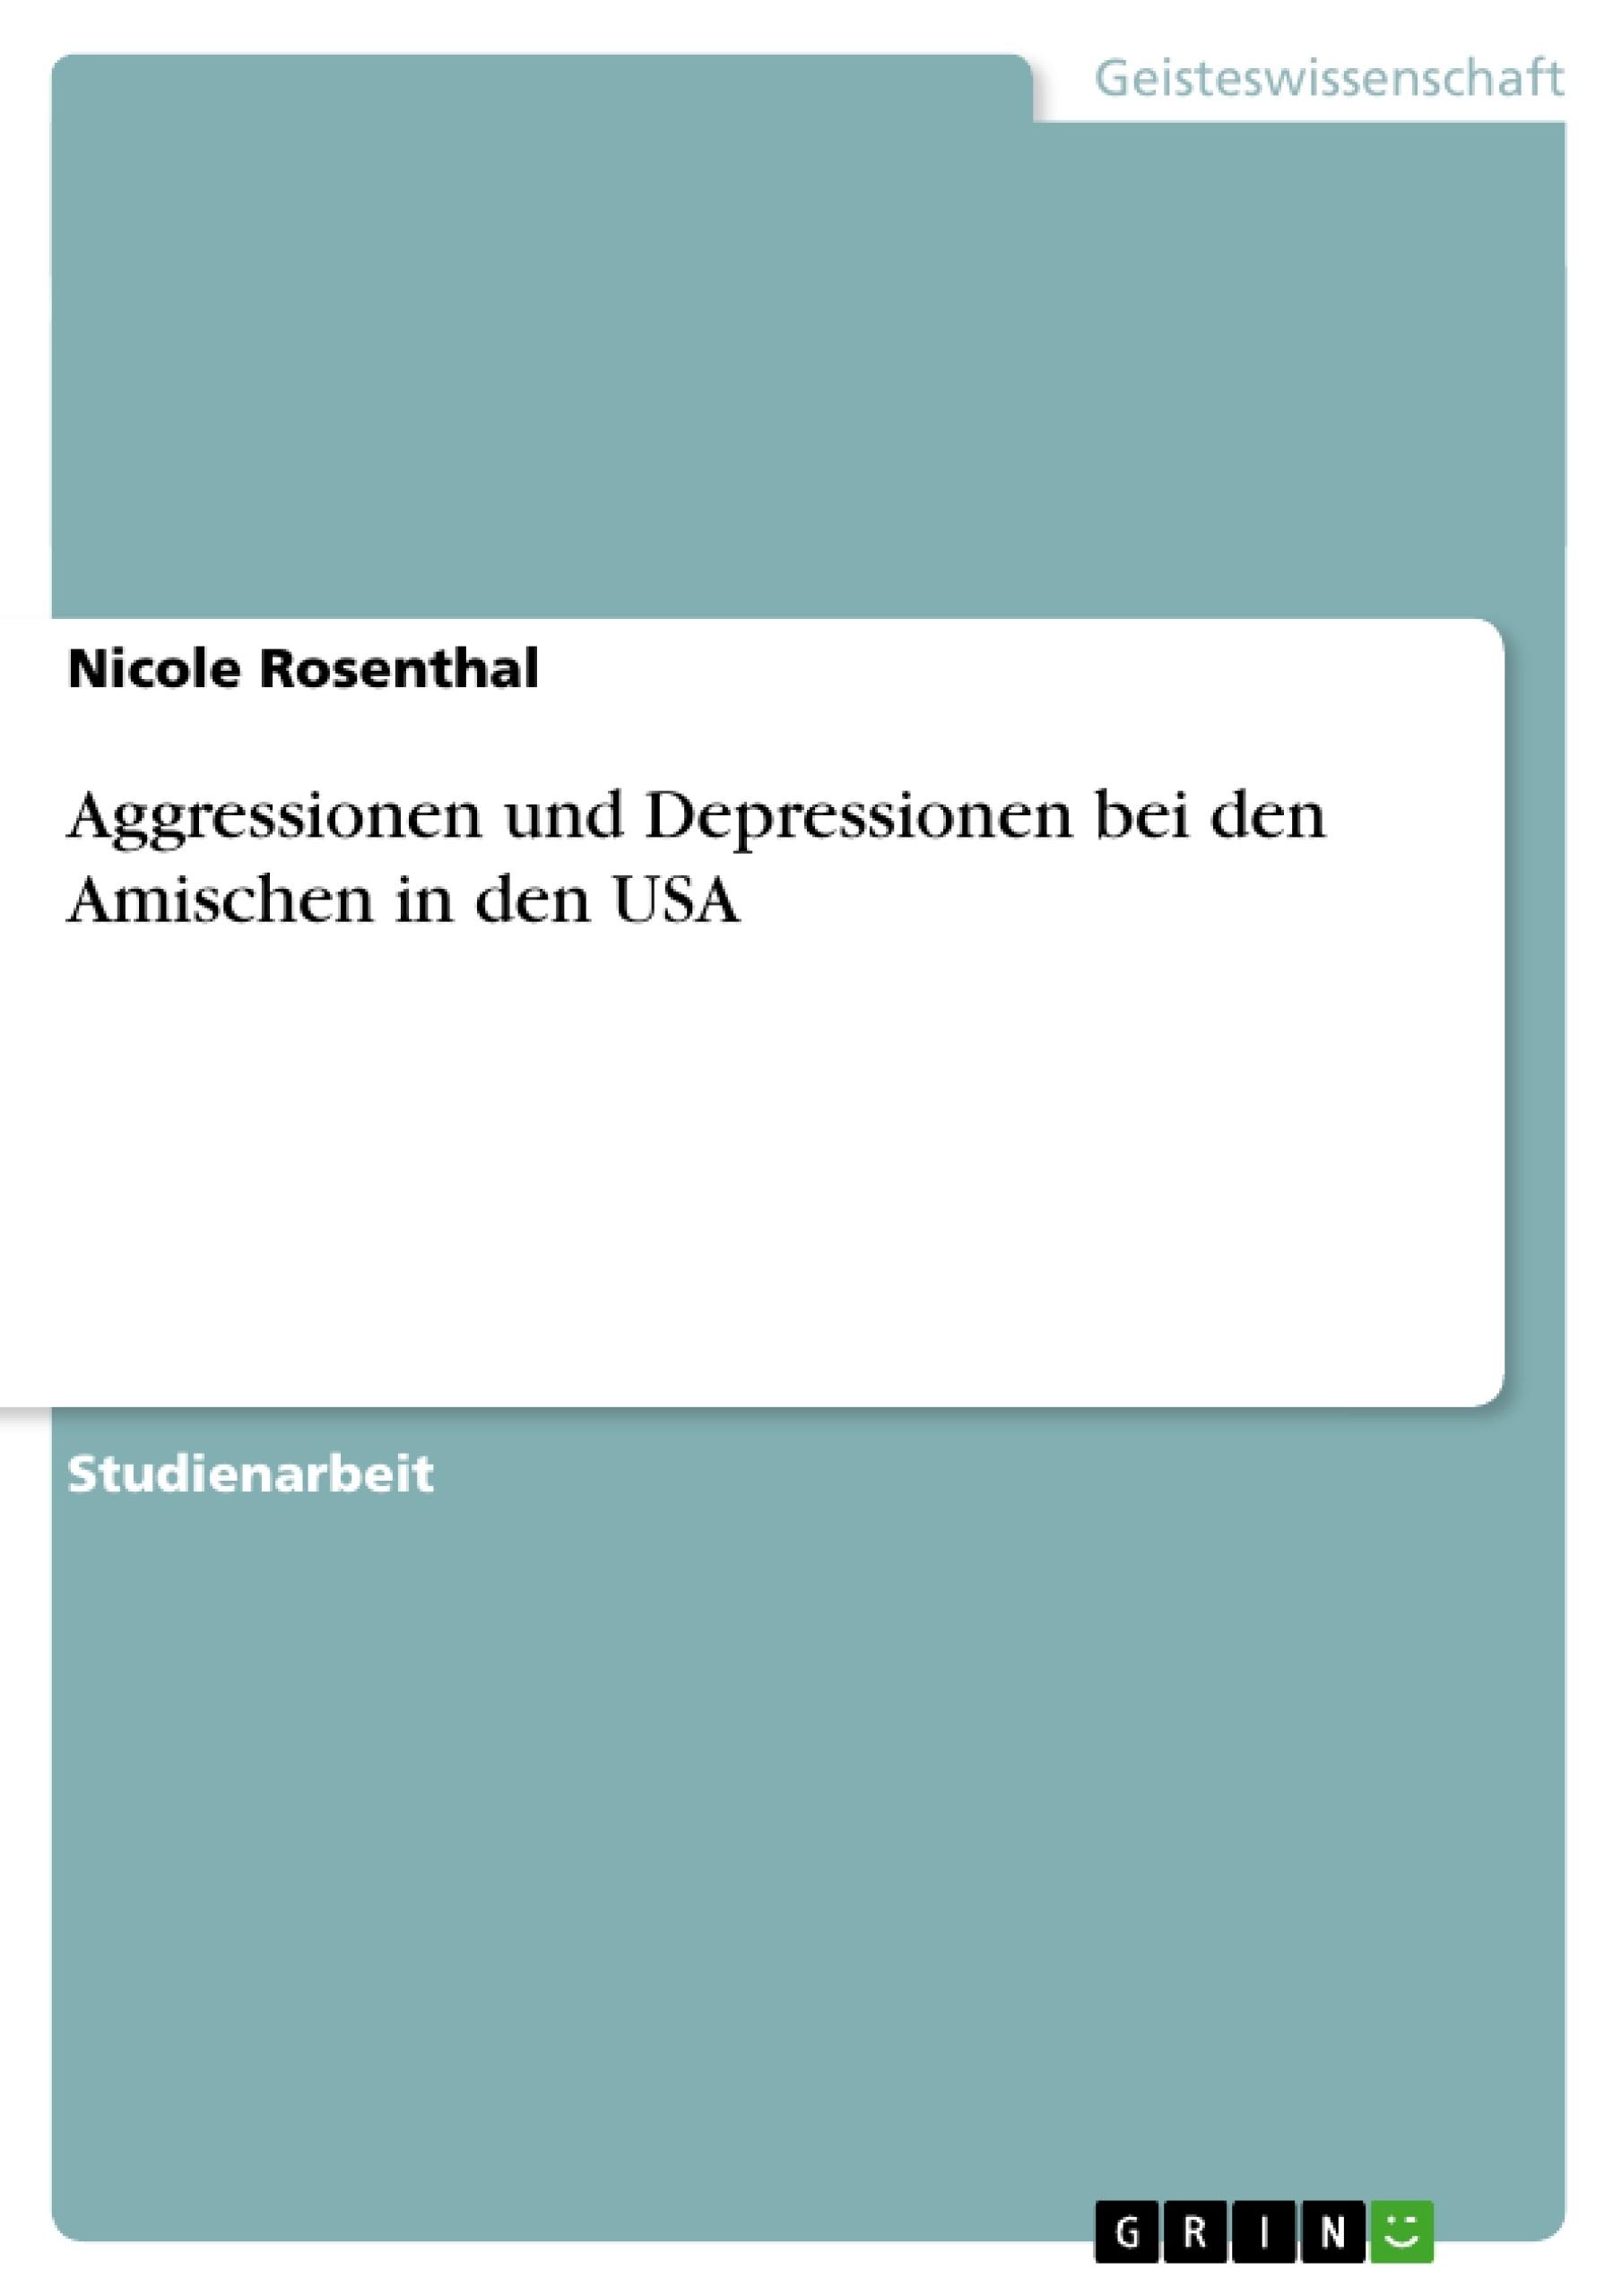 Titel: Aggressionen und Depressionen bei den Amischen in den USA